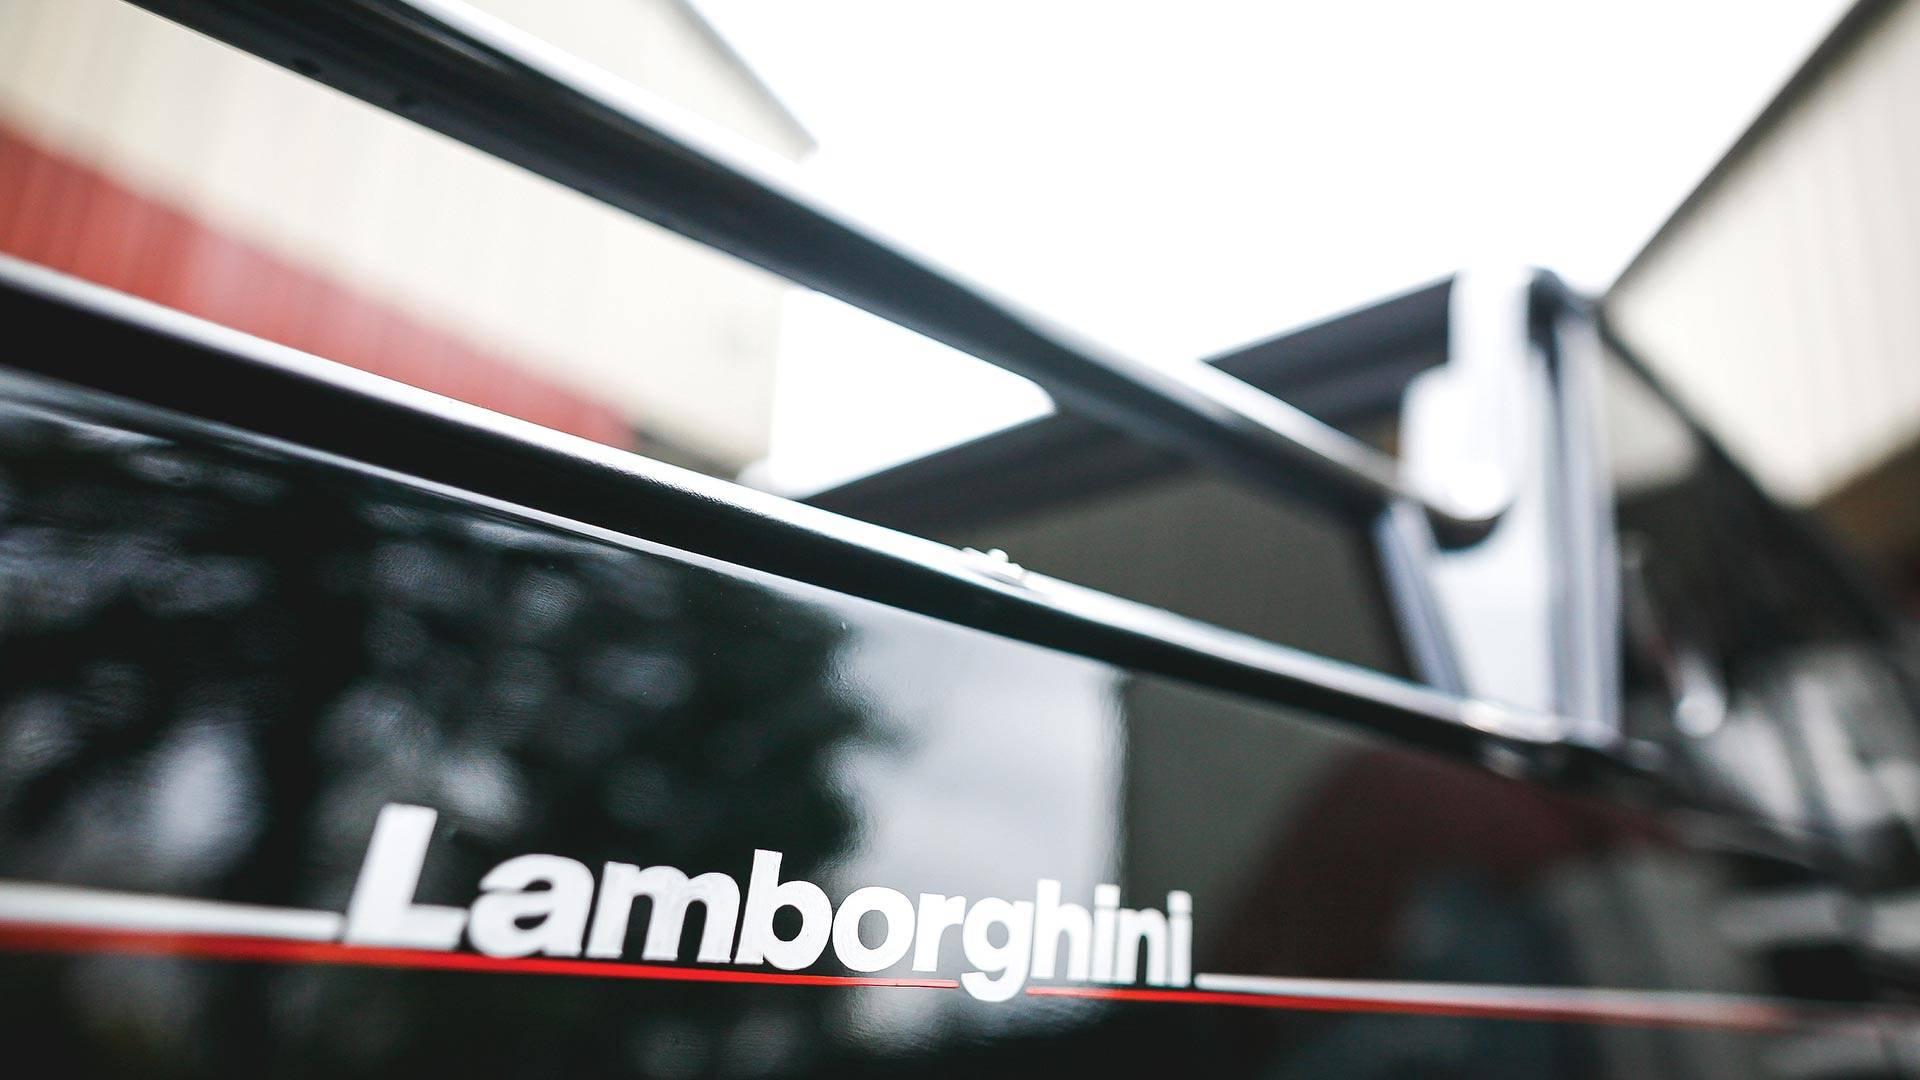 Xe++ - Hàng hiếm SUV LM002 đầu tiên của Lamborghini rao bán 1,134 tỷ đồng (Hình 10).